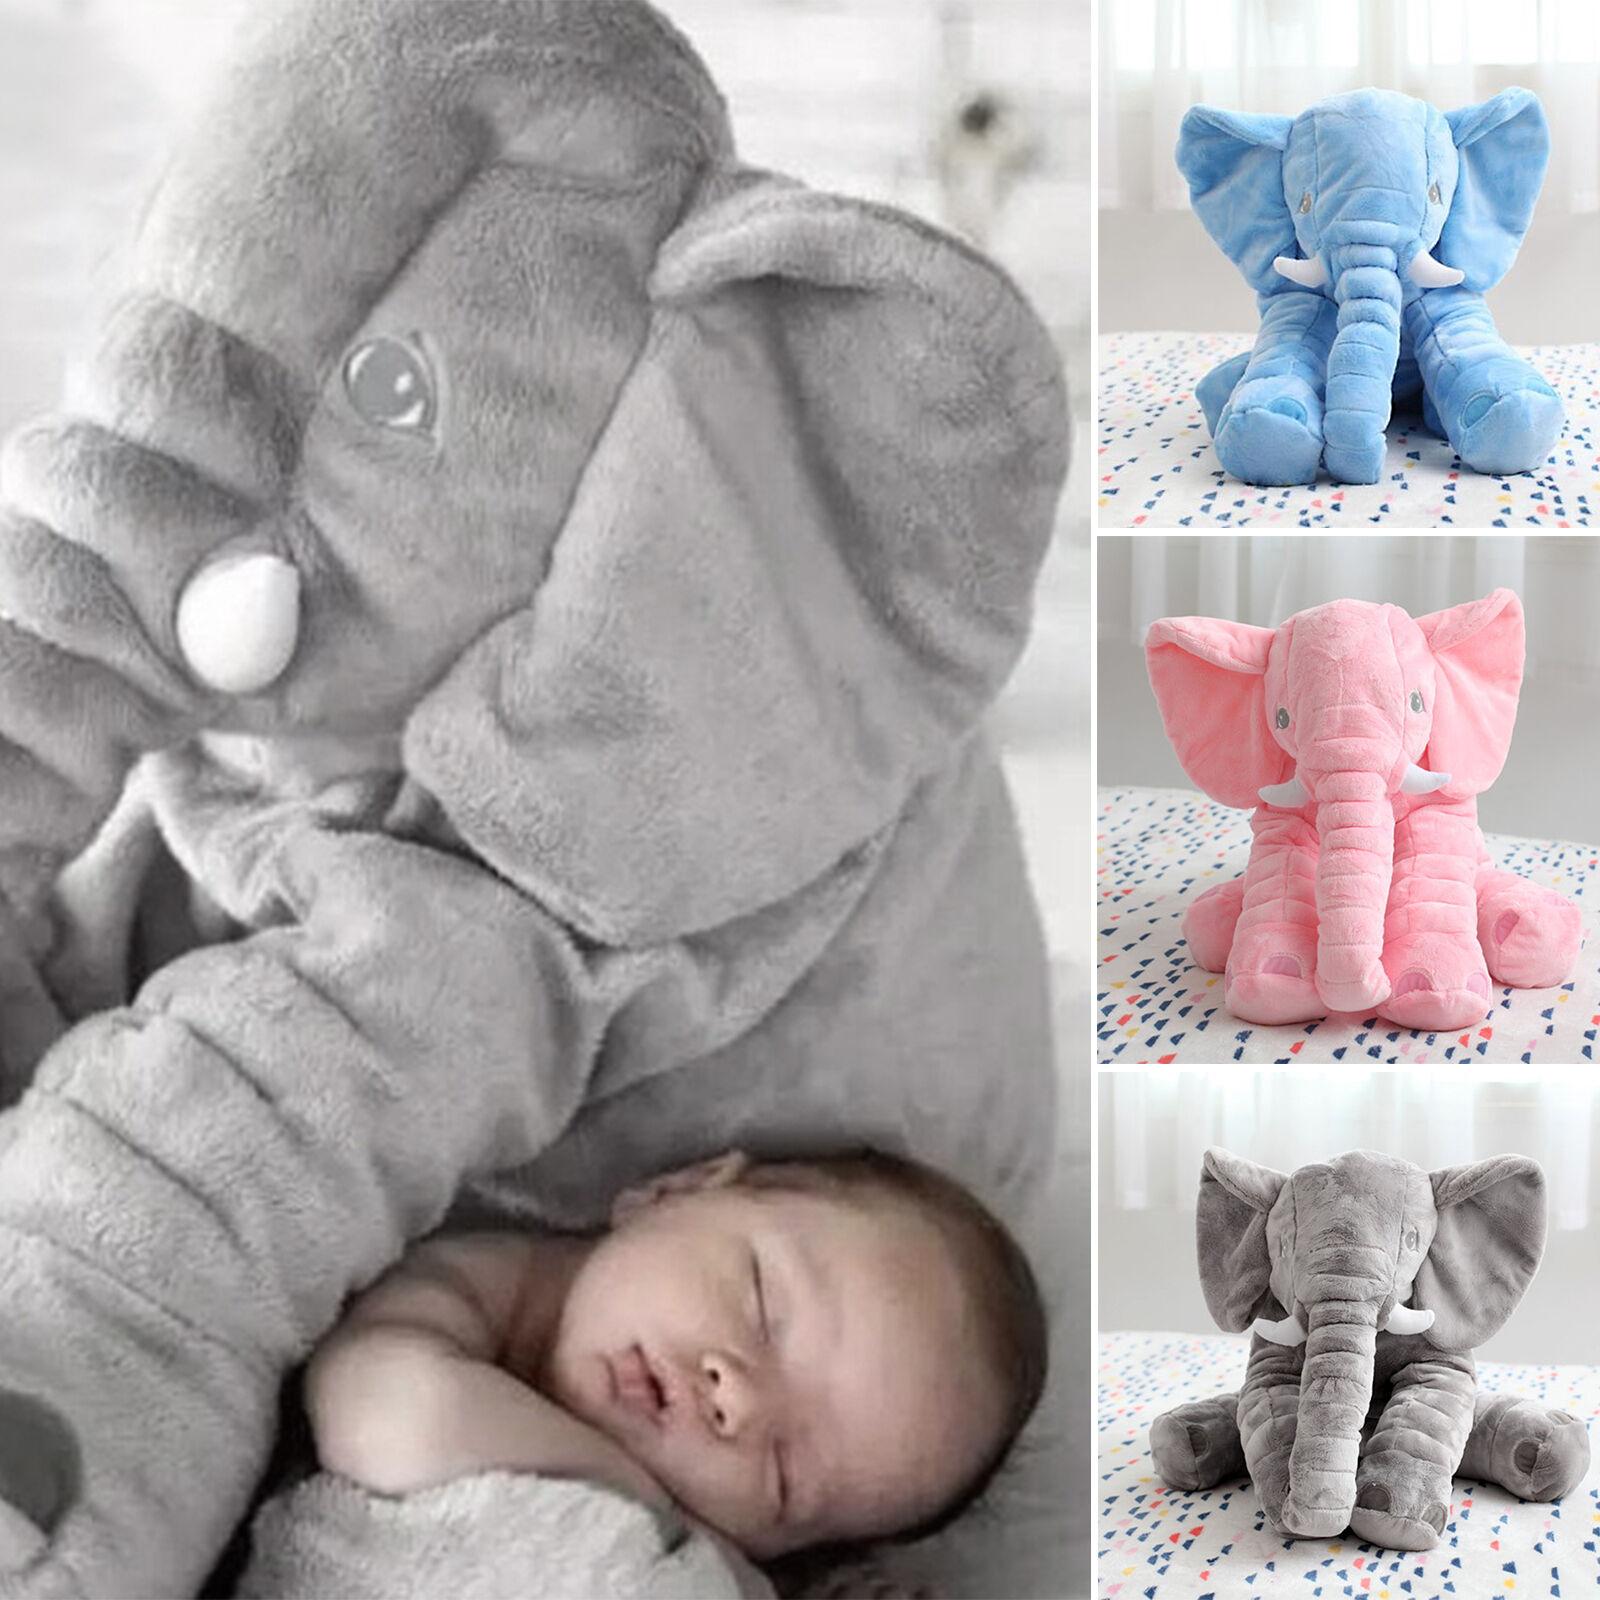 Kinder Baby Elefant Puppe Kissen Plüsch Stofftier Kuscheltier Spielzeug Pillow